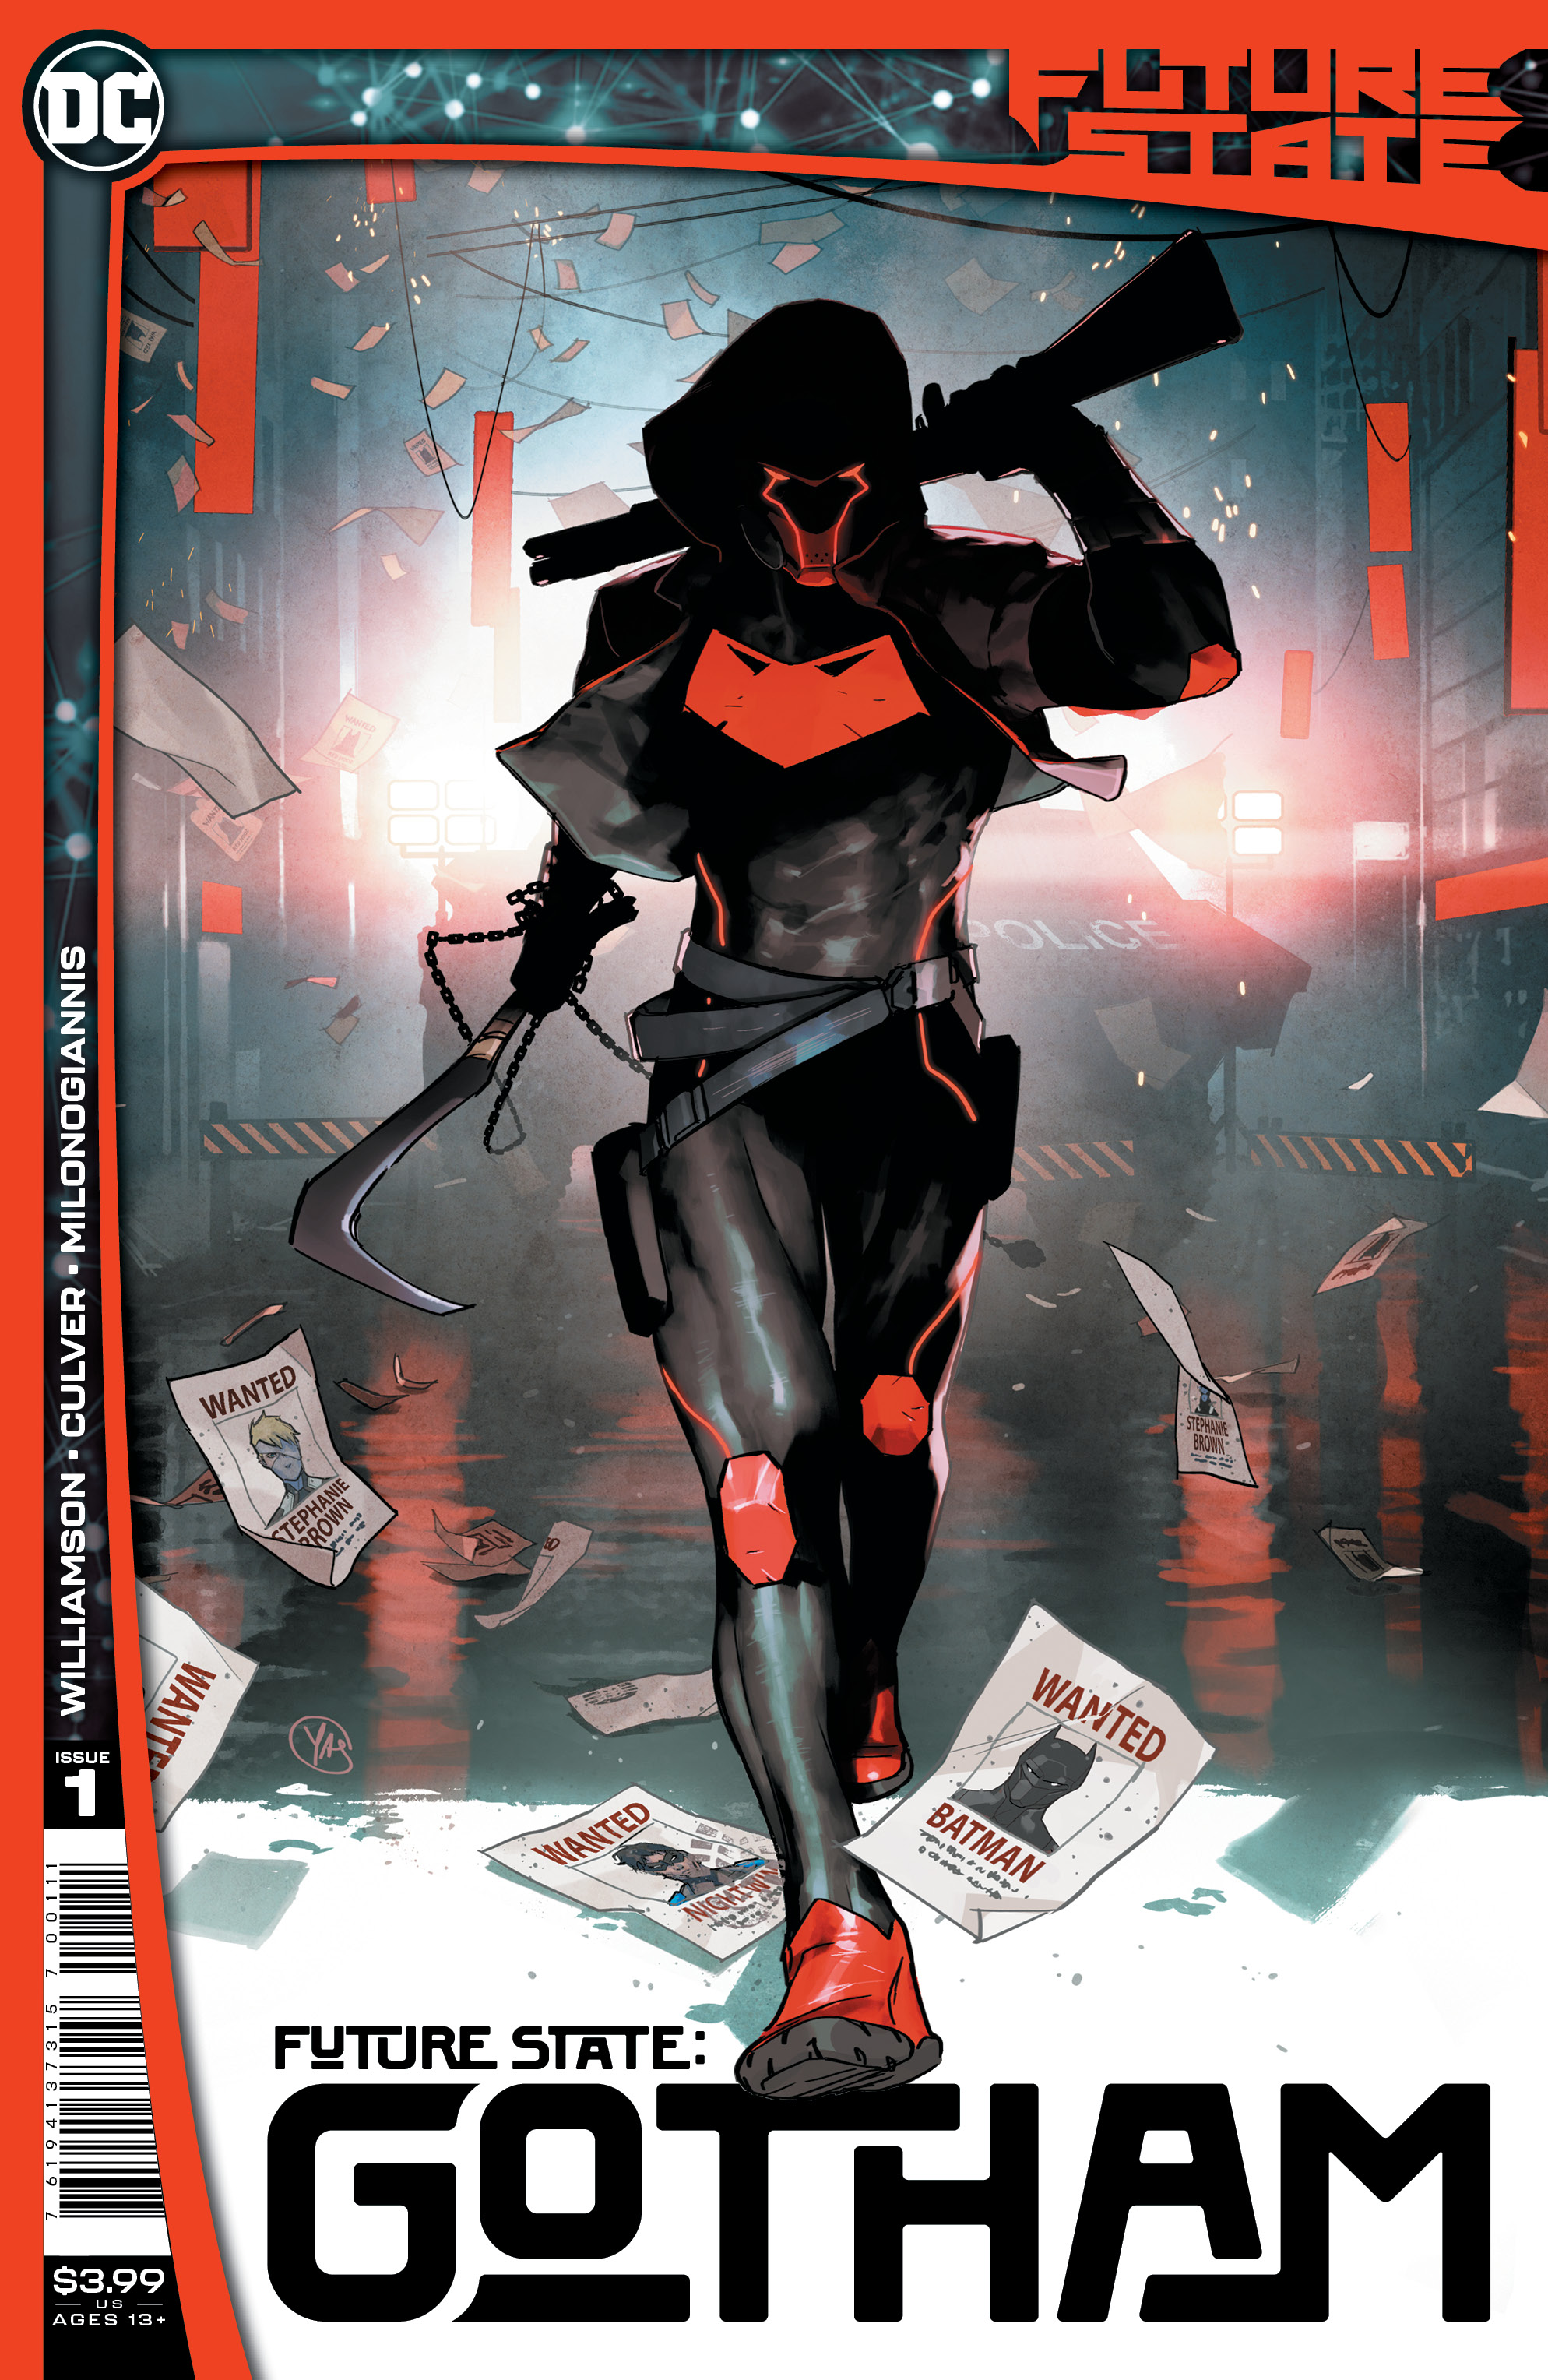 Future State: Gotham #1 cover